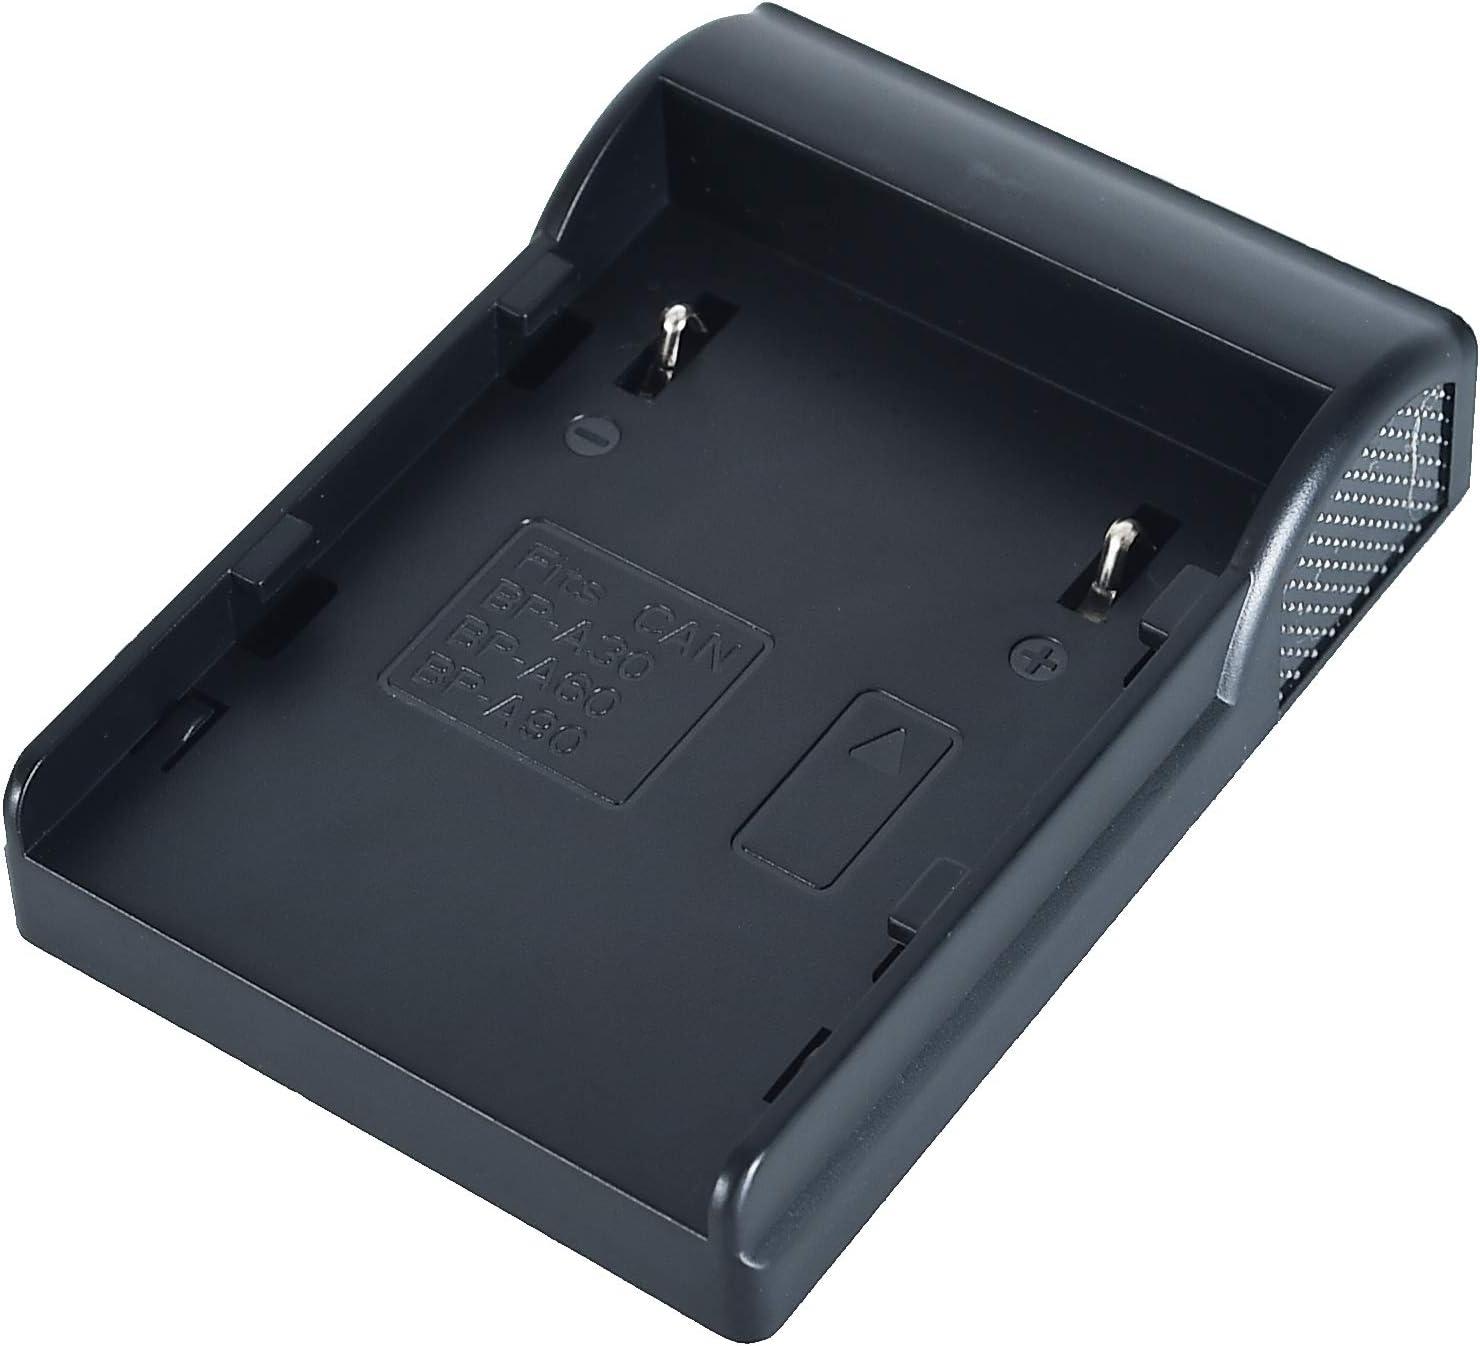 Canon EOS C200 LCD, 1,5 A, Conector Europeo Cargador de bater/ía Dual para Canon BP-A30 BP-A90 C220B BP-A60 XF705 4K UHD C300 Mark II PL Cinema DSTE C200B